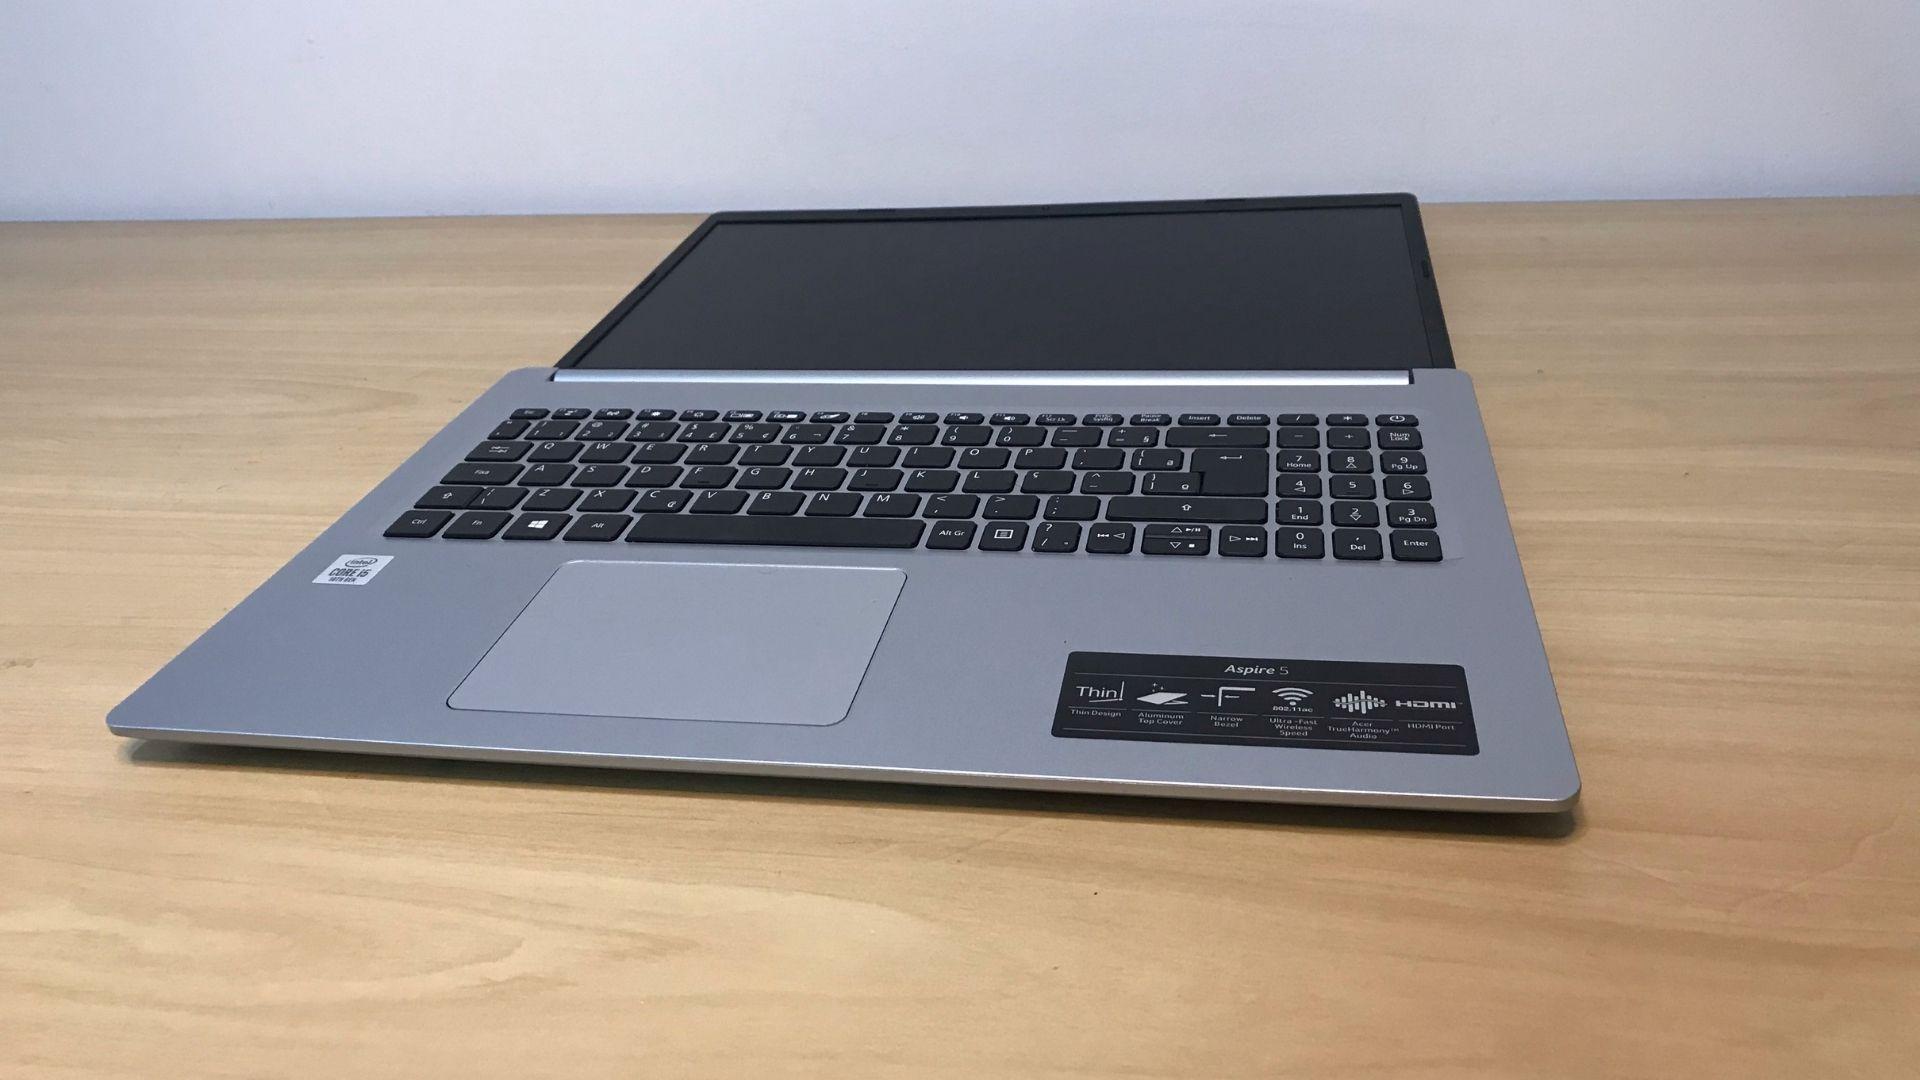 Acer Aspire 5 tem uma abertura bem grande sem precisar forçar as dobradiças (Foto: Guilherme Toscano)